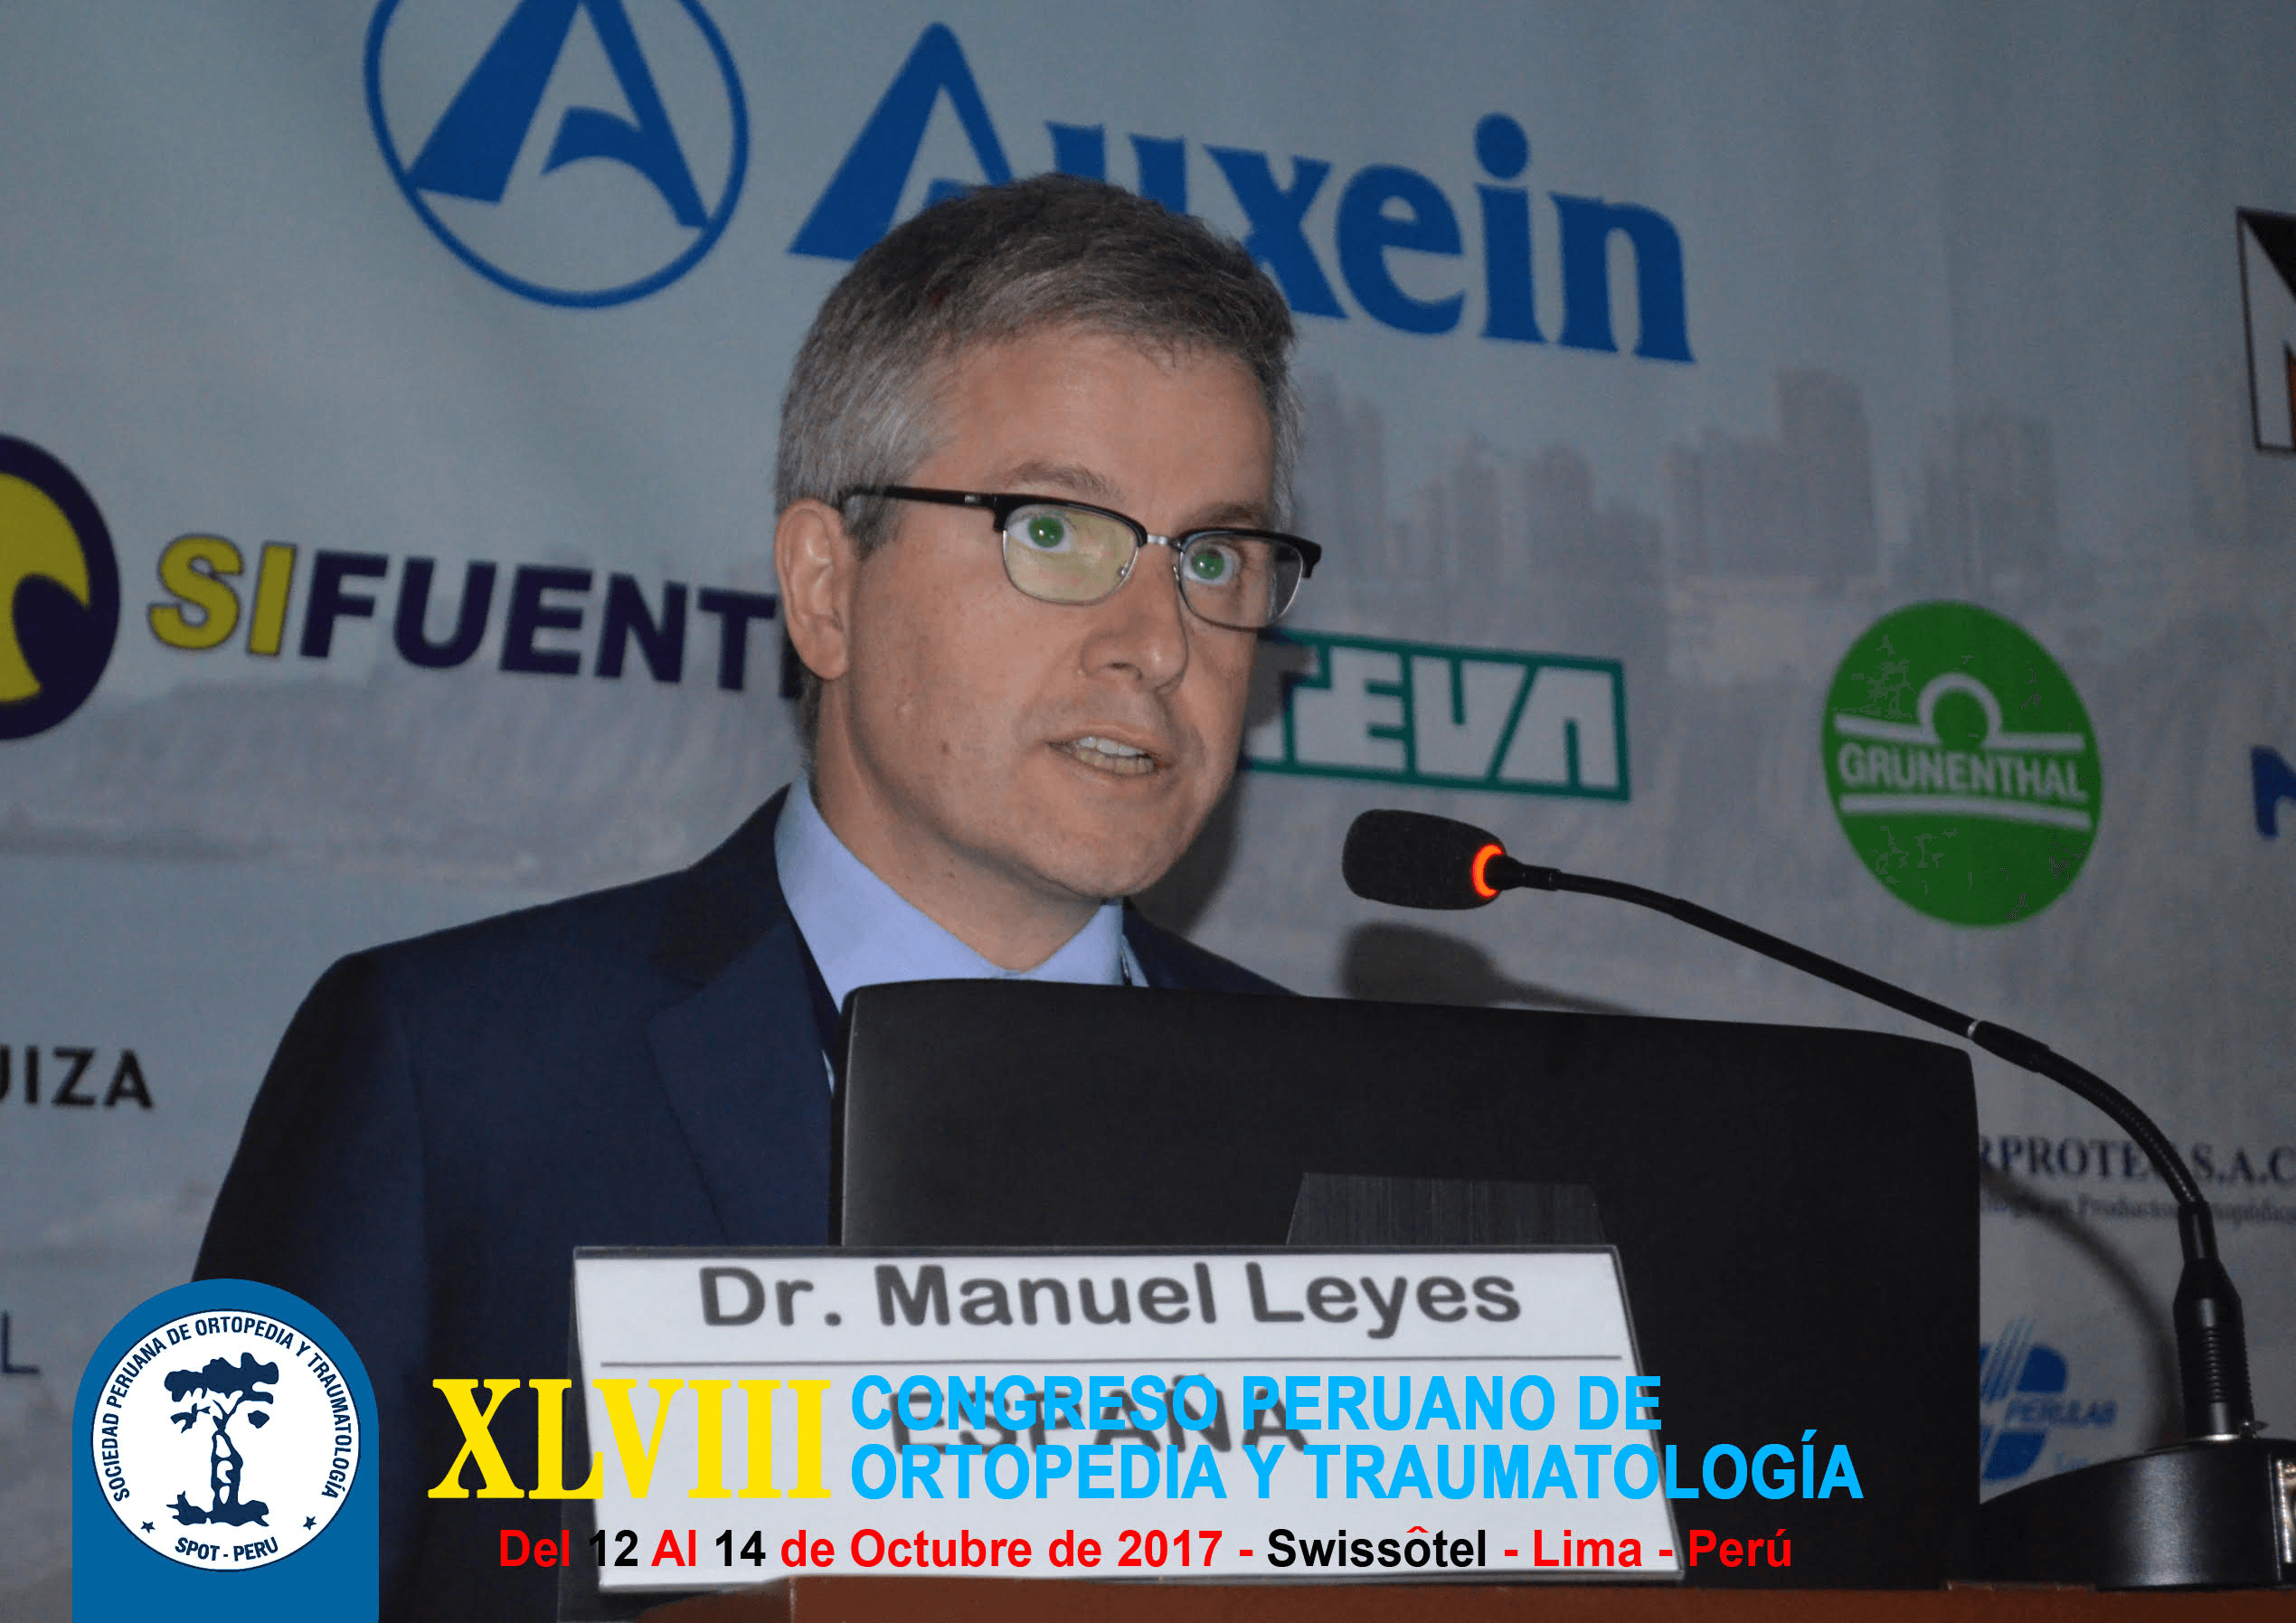 El Dr. Manuel Leyes ha participado recientemente en el XLVIII Congreso Peruano de Ortopedia y Traumatología